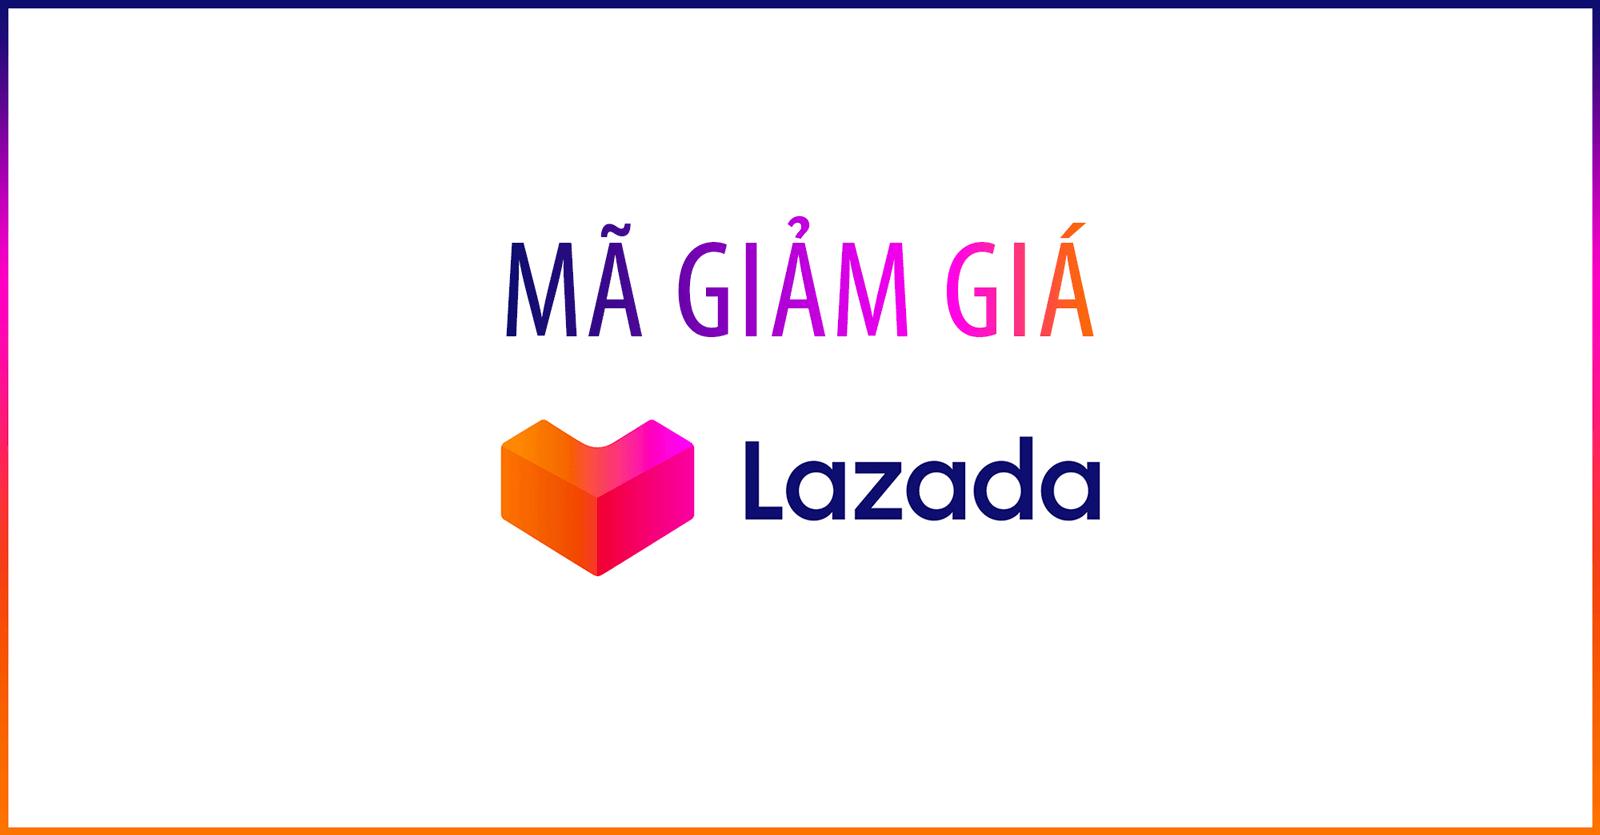 Thông tin mã giảm giá Lazada